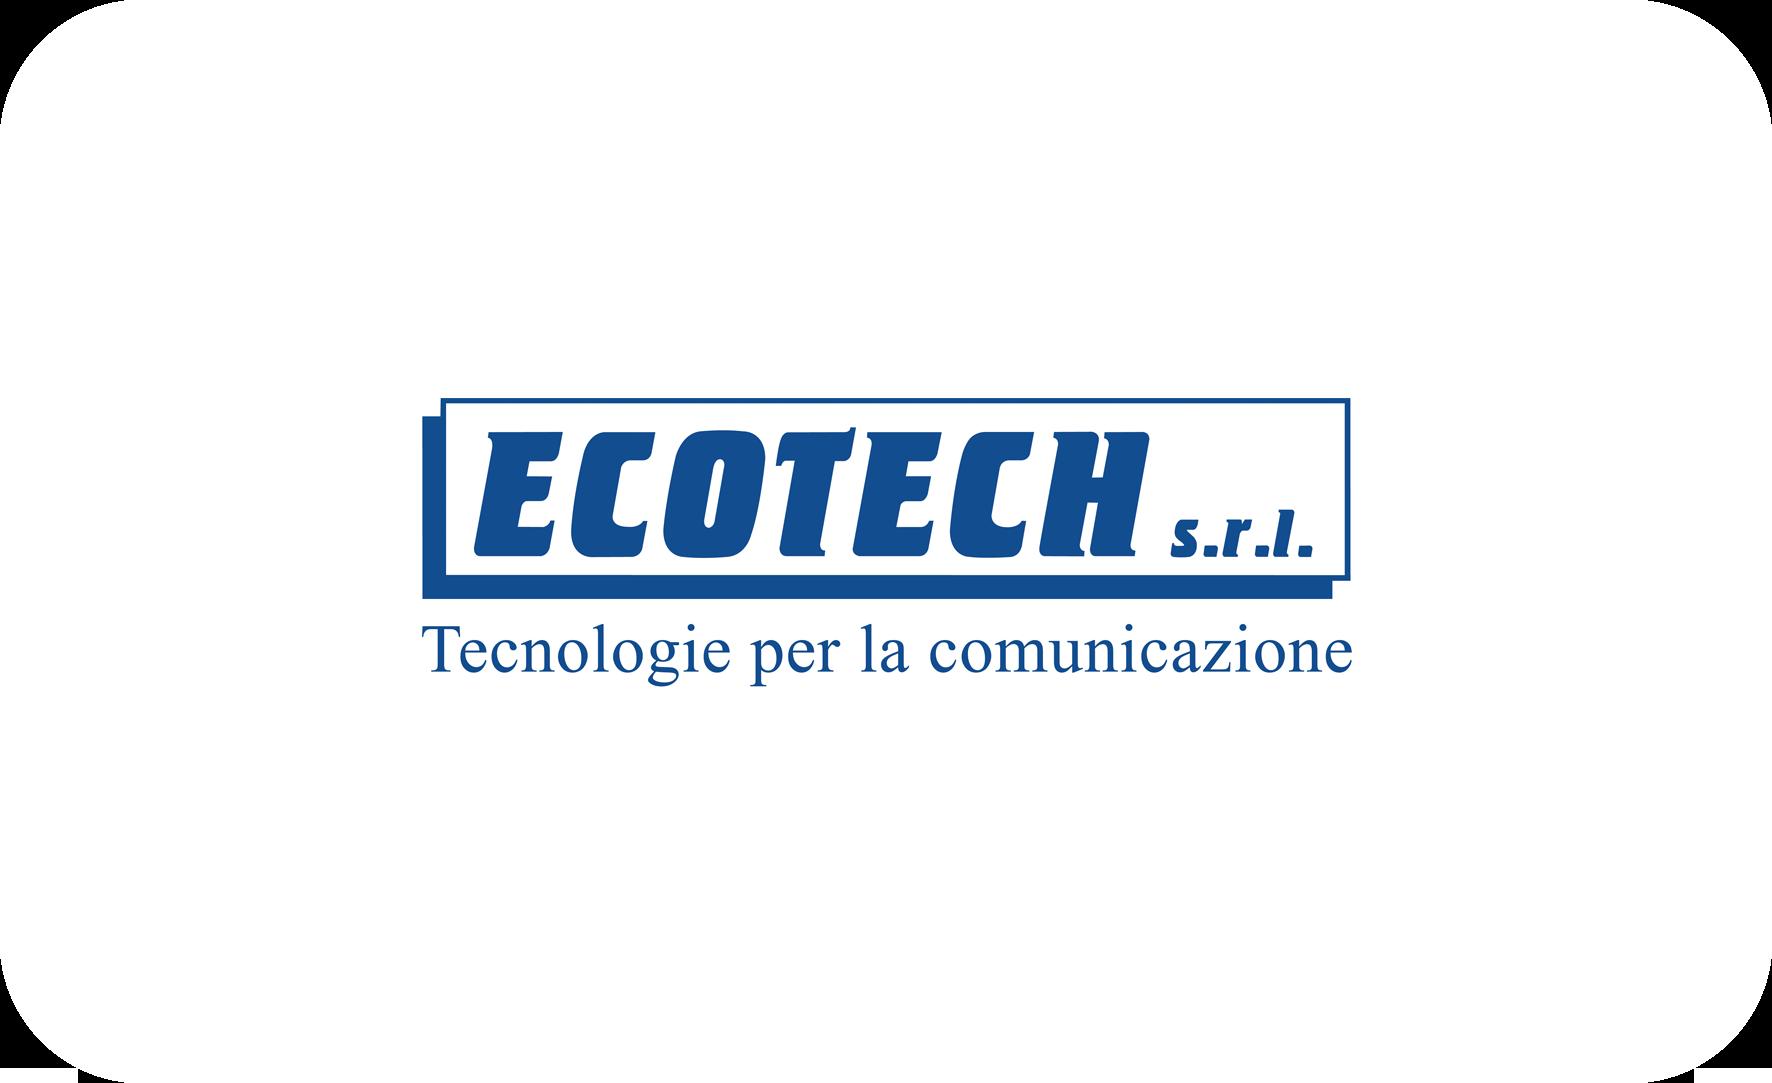 Ecotech s.r.l.